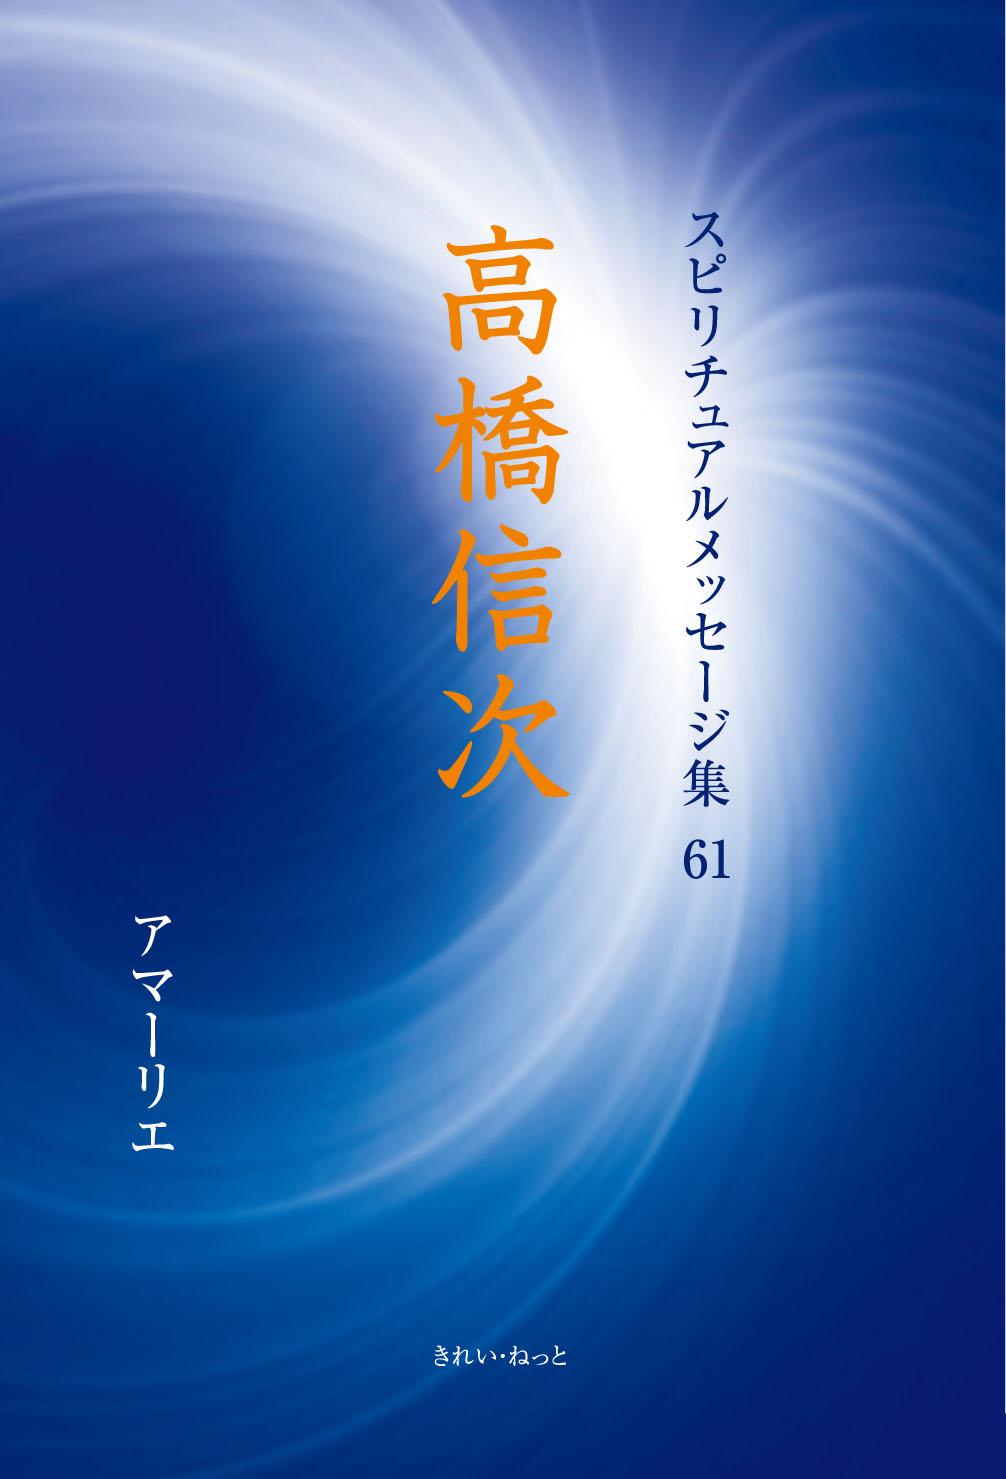 画像1: スピリチュアルメッセージ集61 高橋信次 (1)